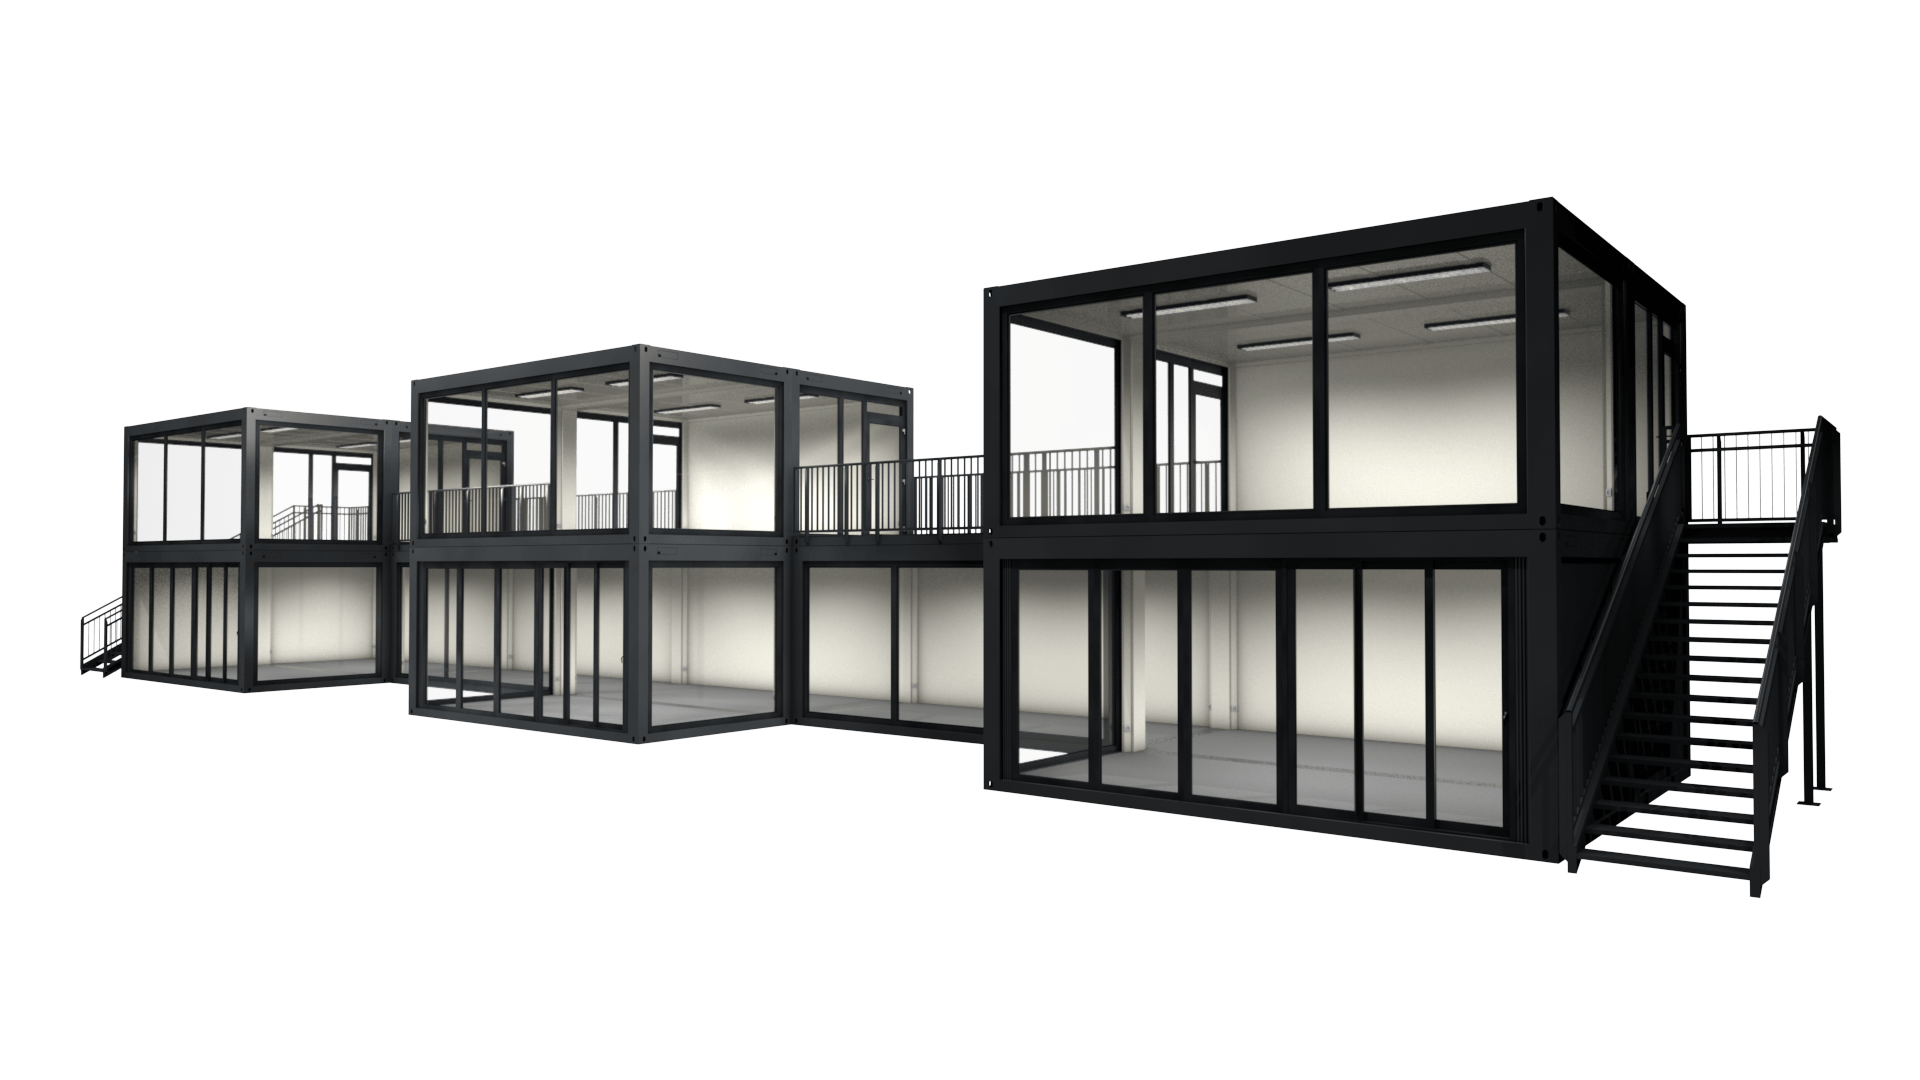 Container Modul M 29 ist ein großer Containerbau bestehend aus 14 Raummodulen